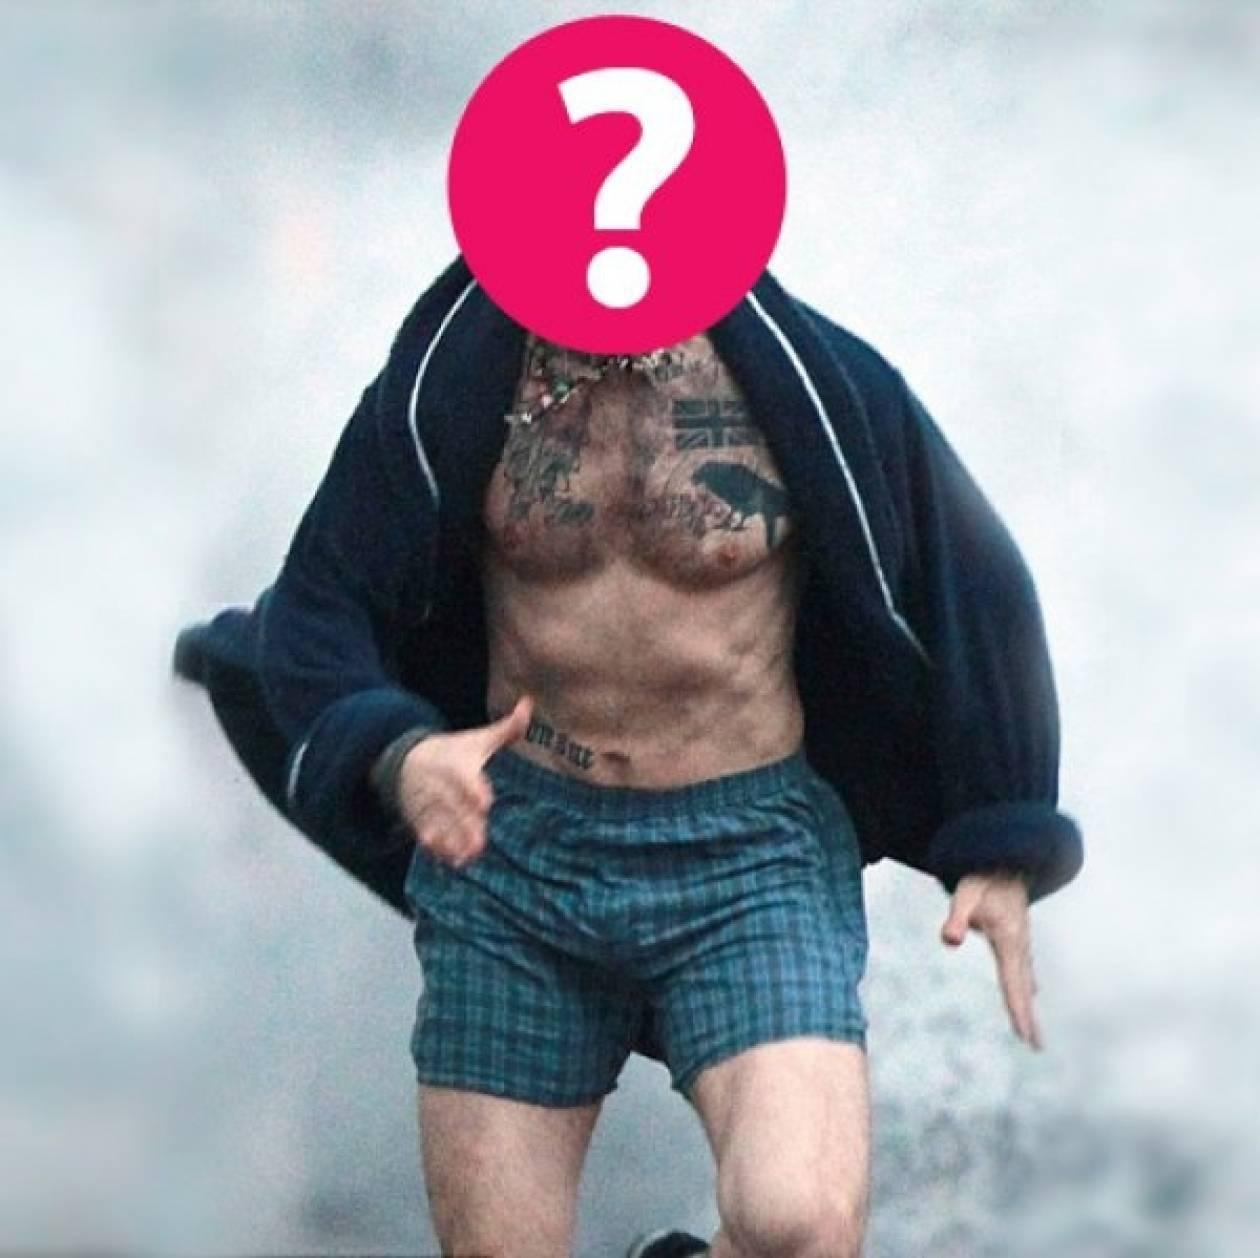 Ποιος σέξι star βγήκε τρέχοντας στους δρόμους μόνο με το... μποξεράκι;